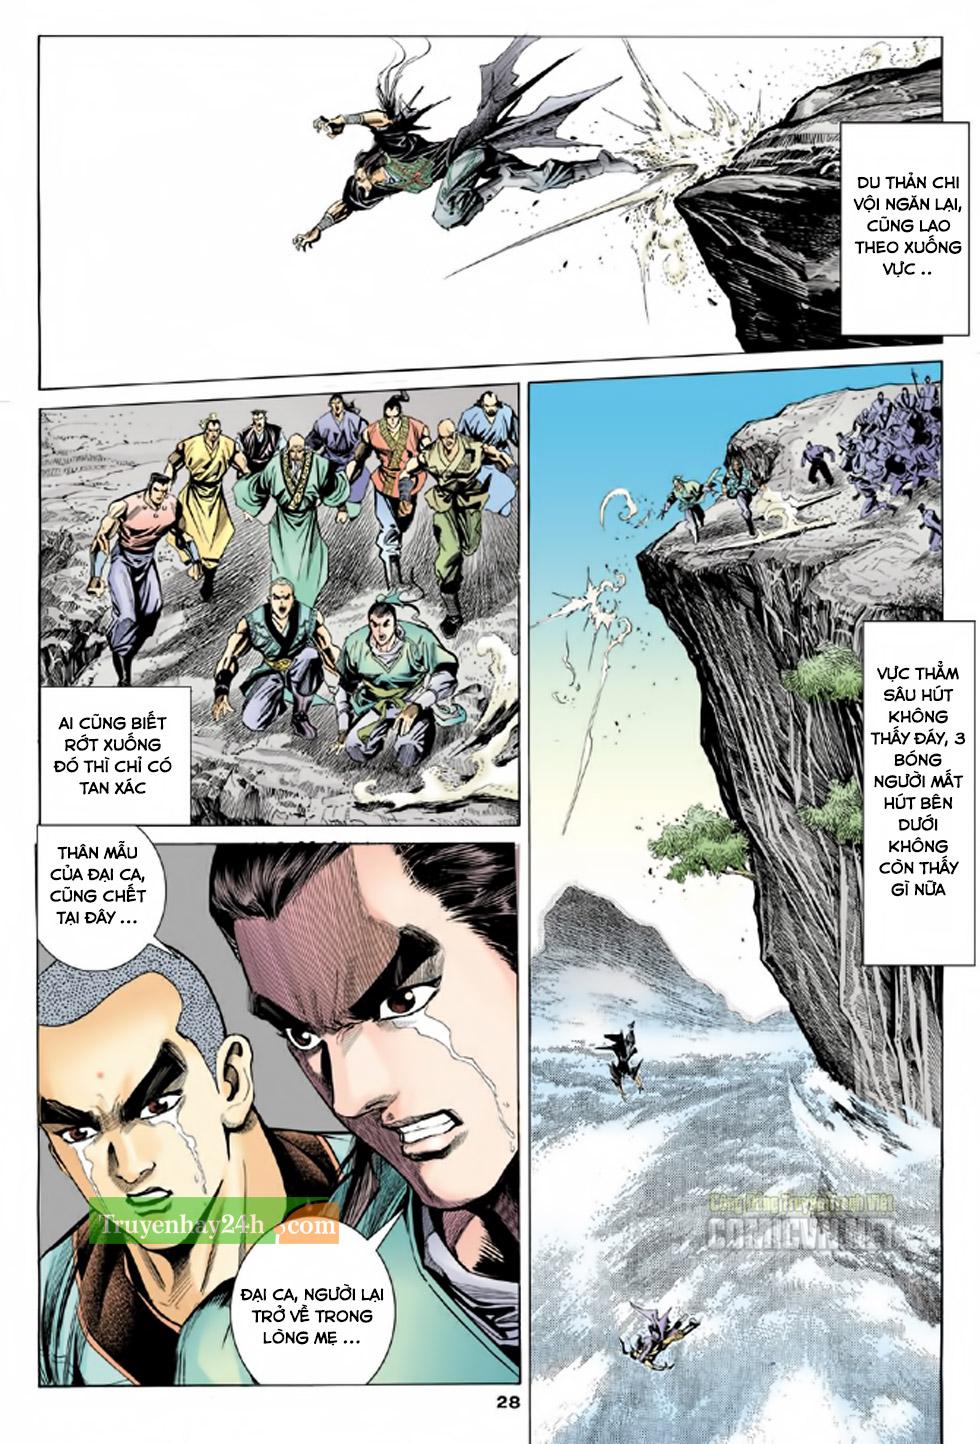 Thiên Long Bát Bộ chap 100 – End Trang 29 - Mangak.info